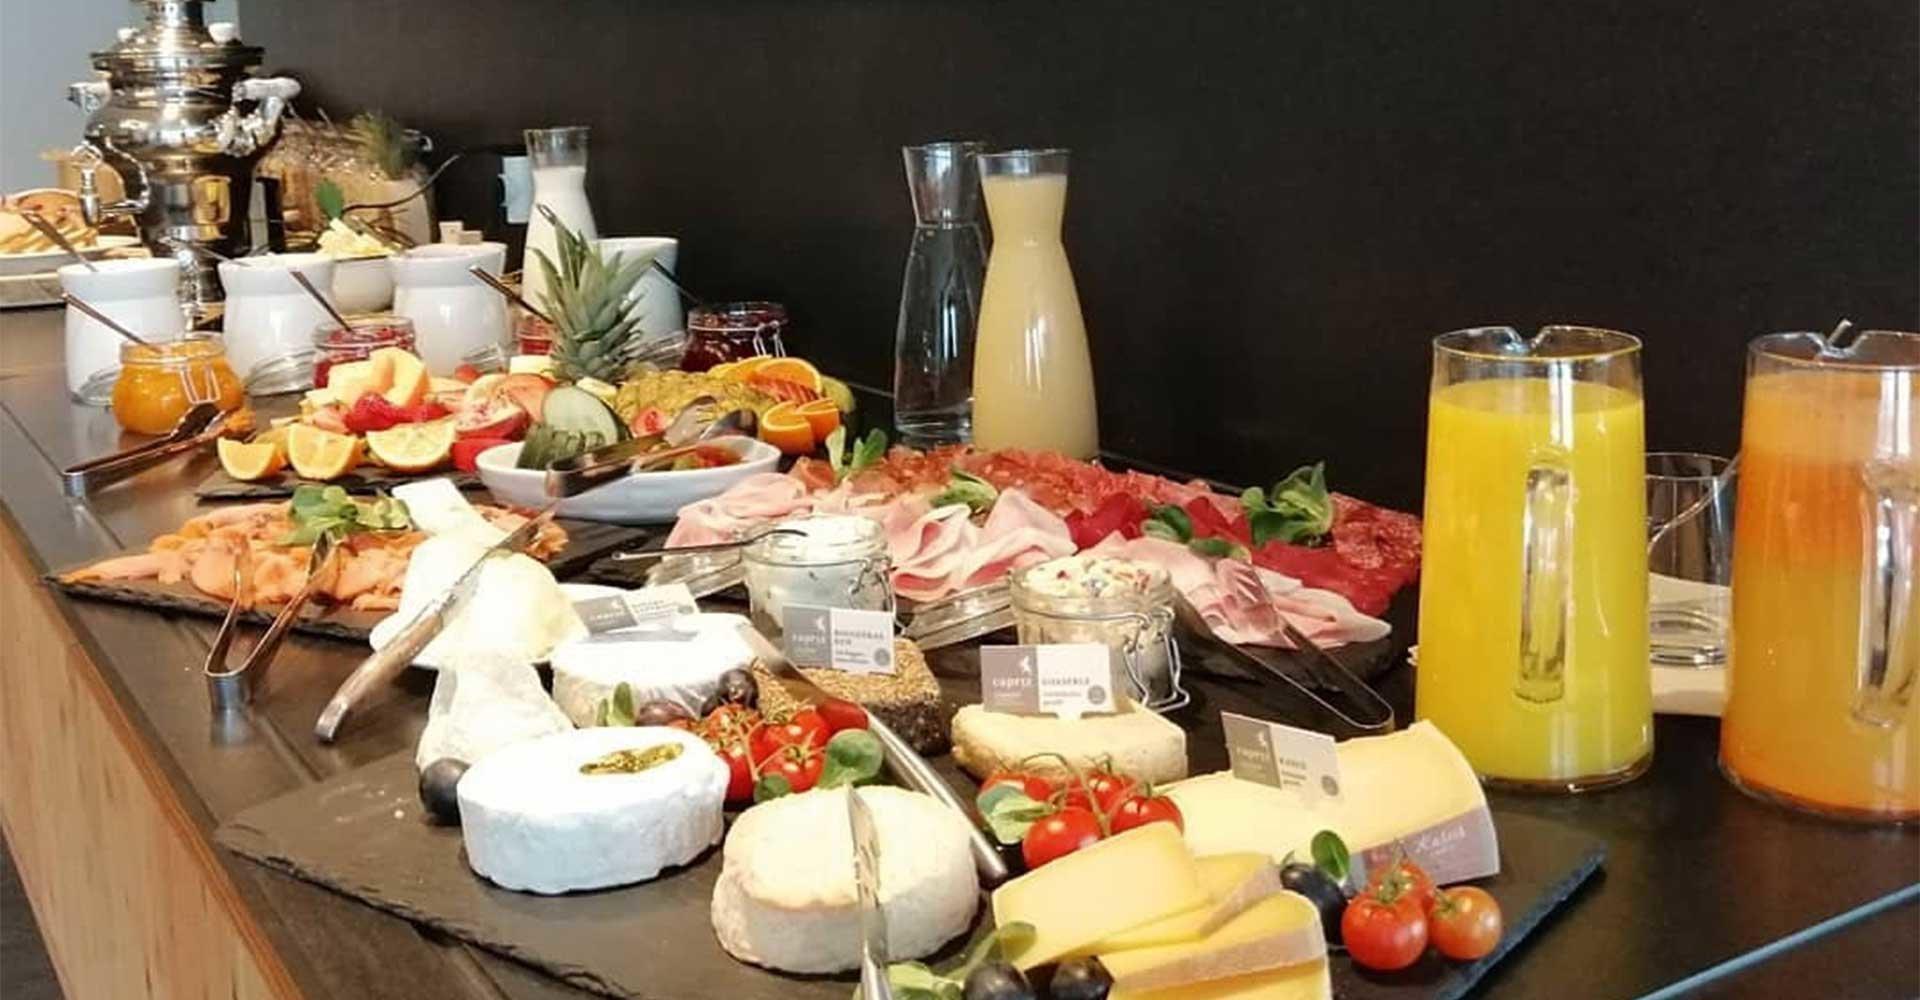 Frühstücksbuffet Lüsner Alm, Brunch sulla malga di Luson